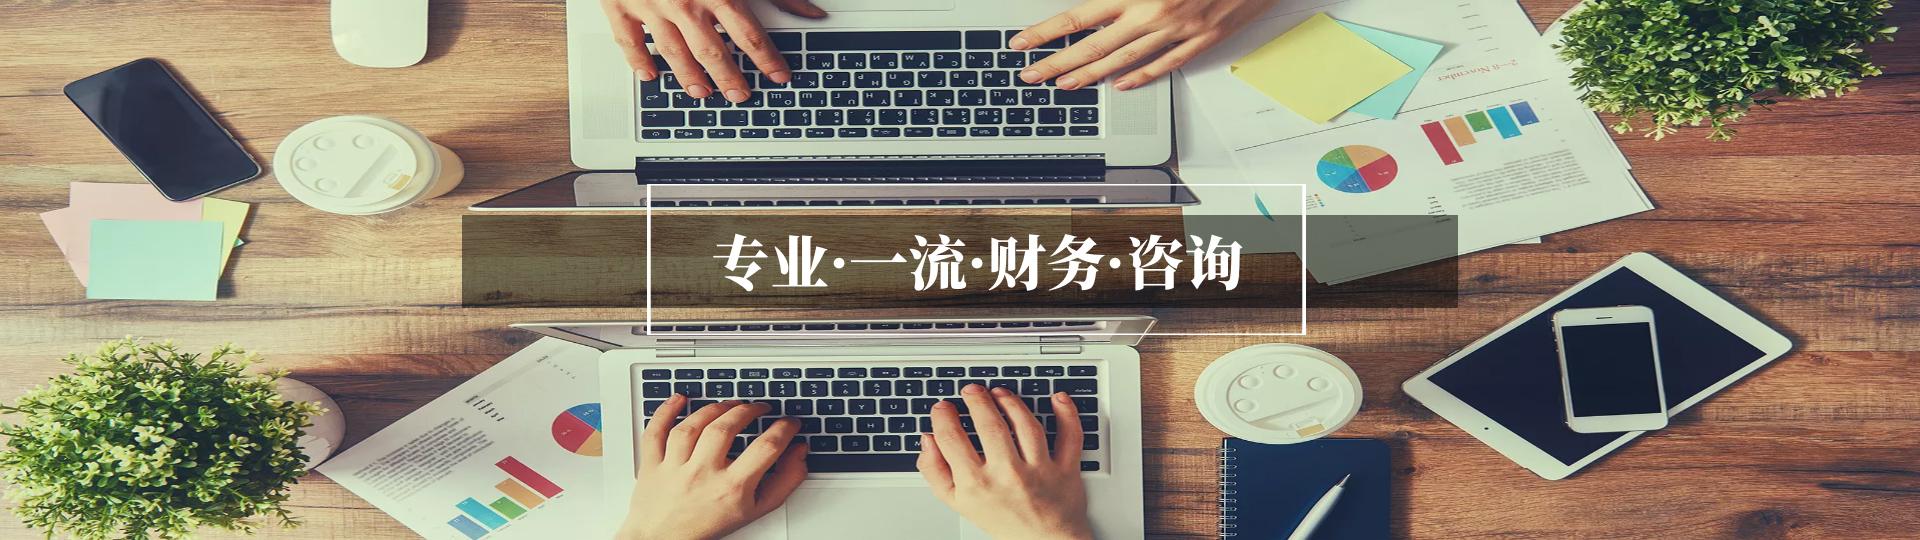 泉州市鑫源财务咨询有限公司